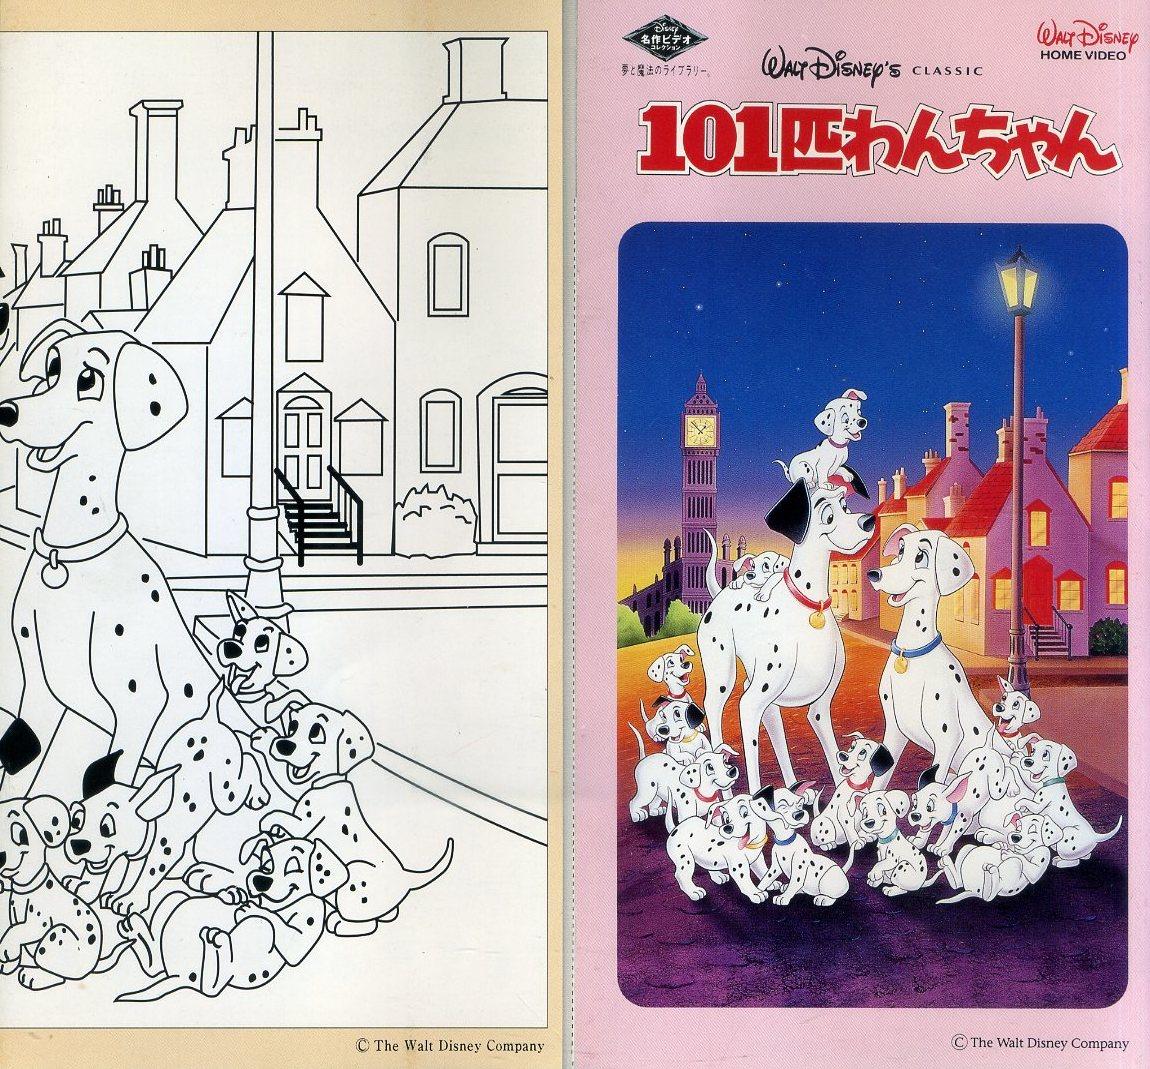 即決〈同梱歓迎〉VHS 101匹わんちゃん 字幕スーパー版 冊子付 ディズニー アニメ◎その他ビデオDVD多数出品中∞3457_画像4